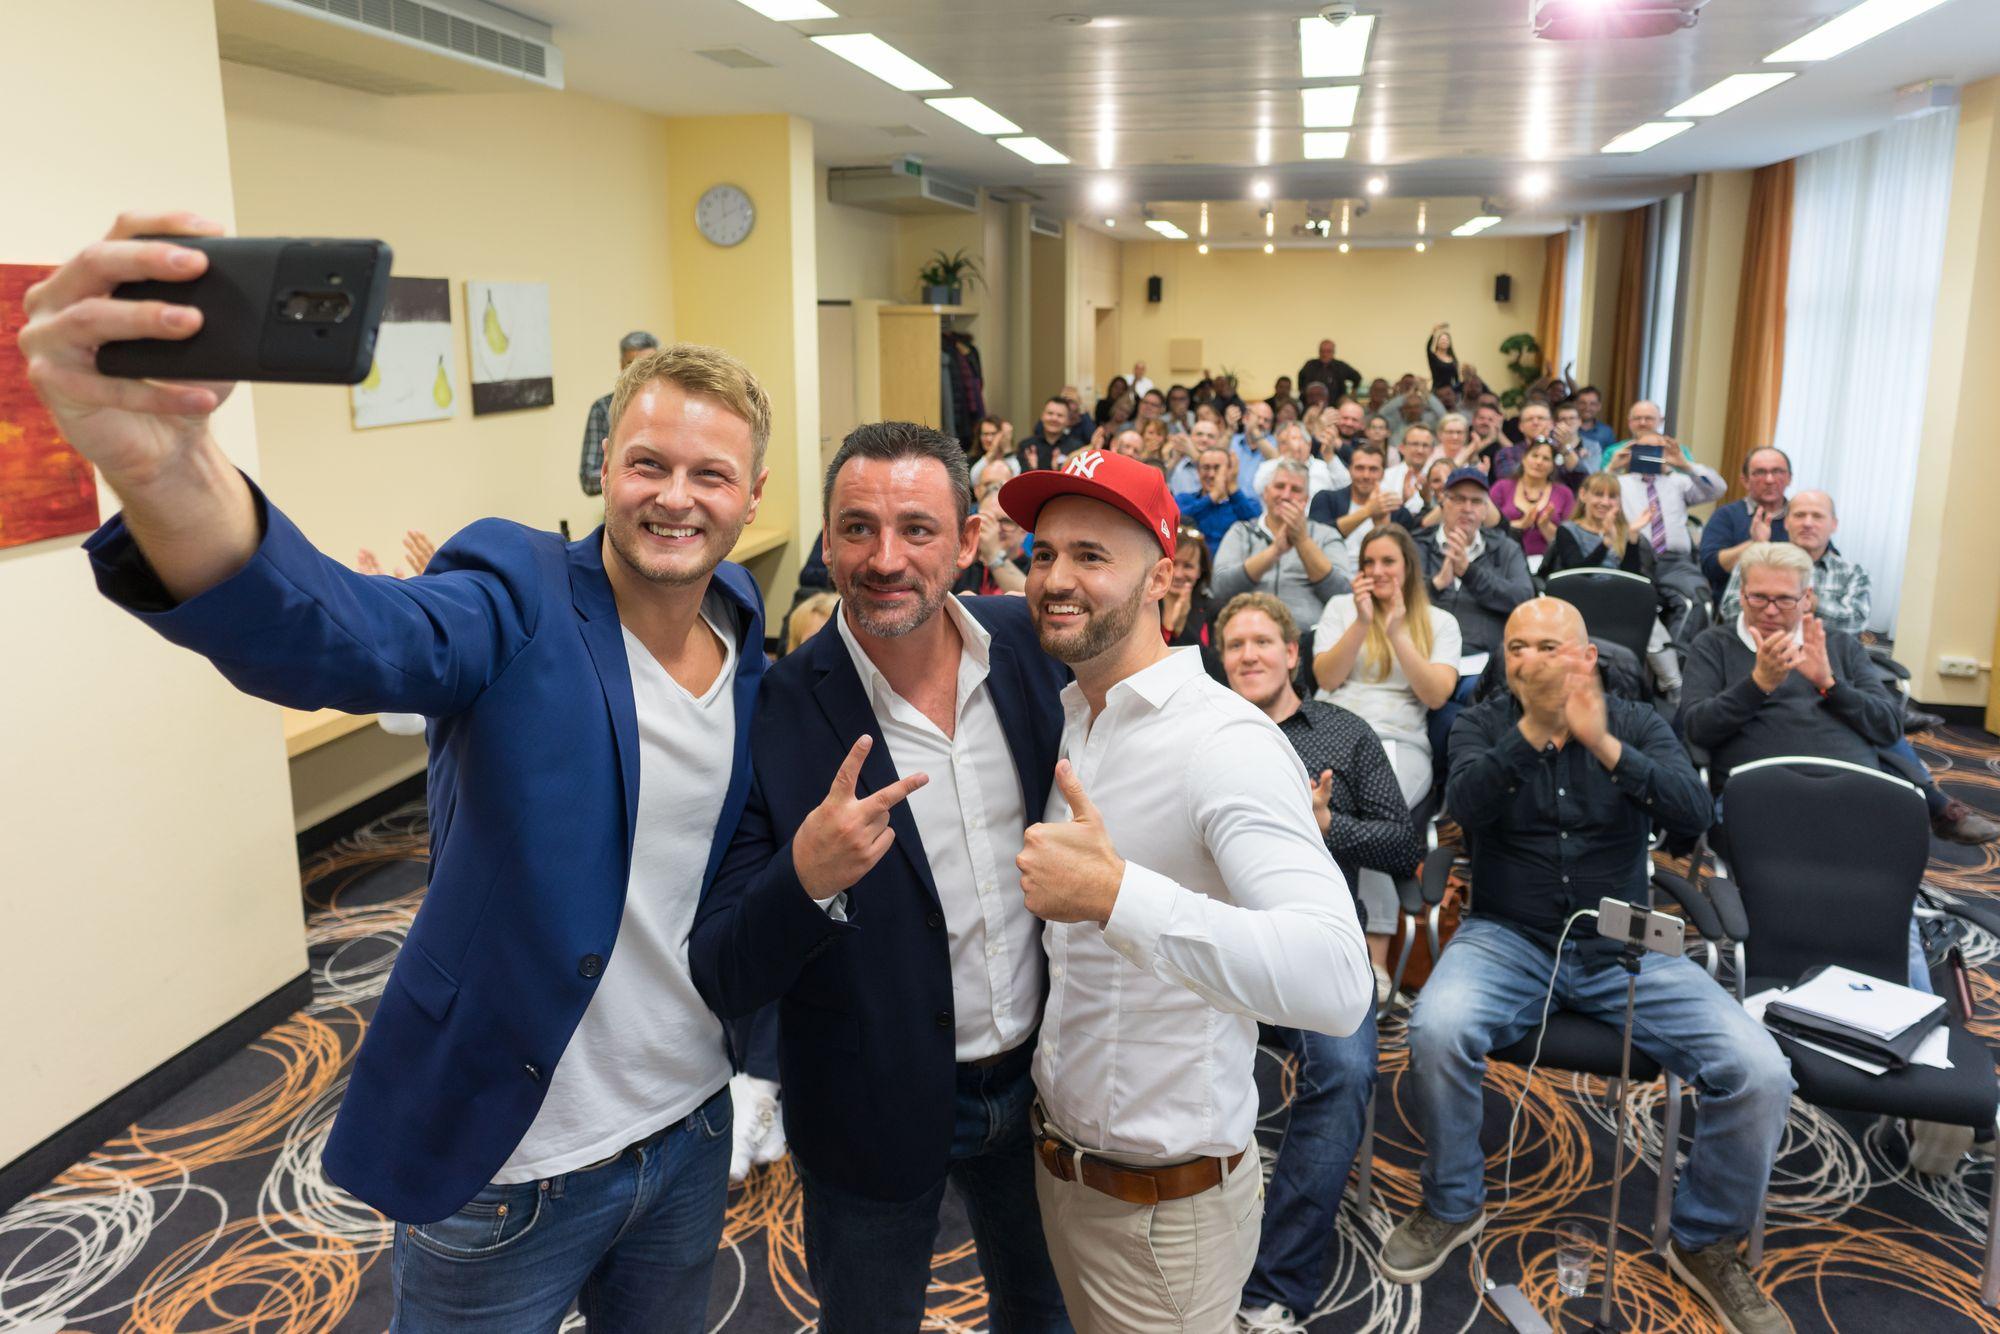 Gruppen Selfie mit Stefan Beier, Marco Vantroba und Daniel Hauber mit Publikum im Hintergrund auf dem Builderall Everest 2018 in Nürnberg